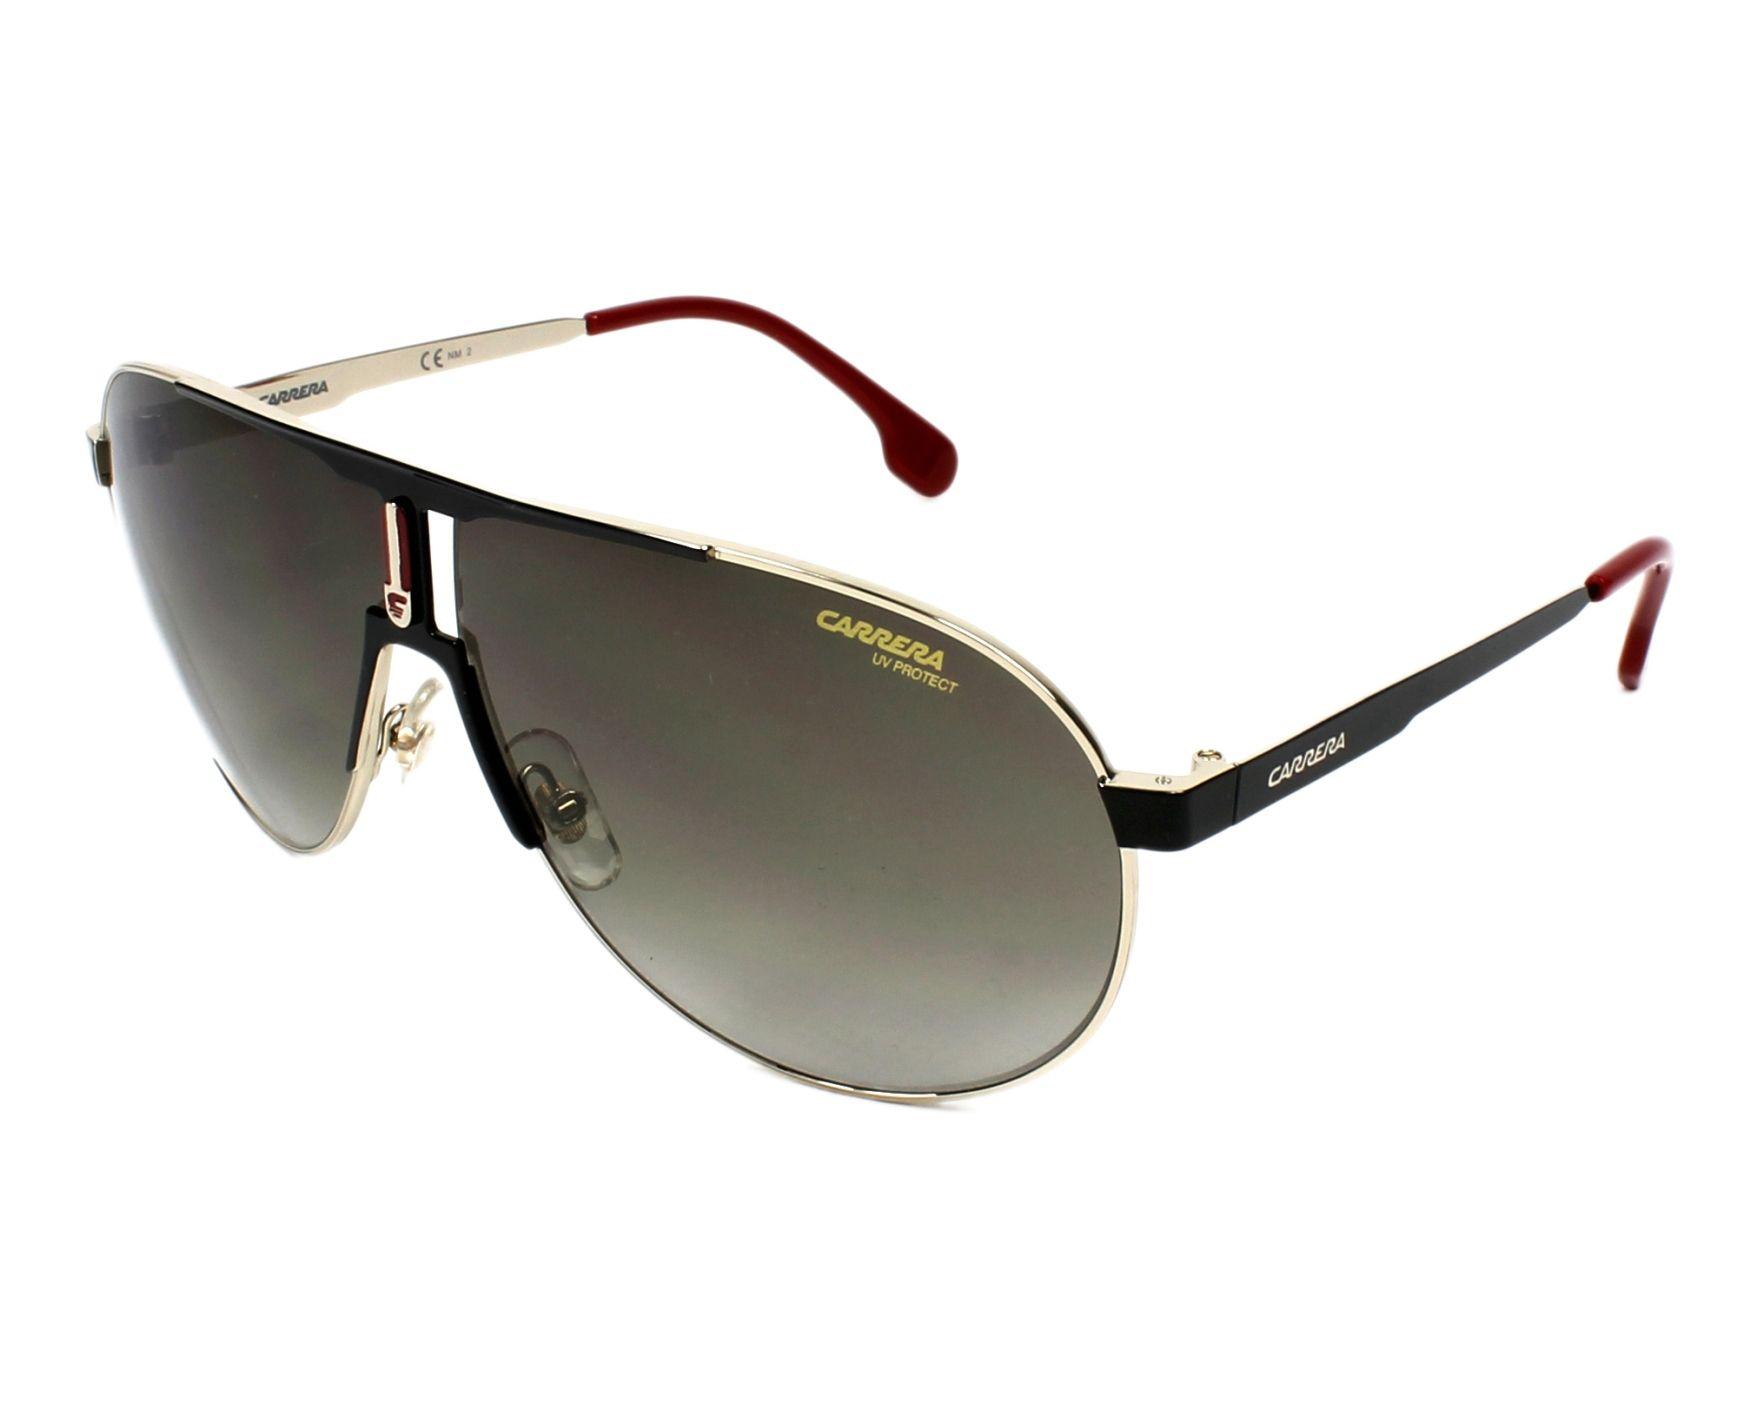 Sunglasses Carrera 1005-S 2M2 HA 66-9 Black Gold profile view e8c38112912